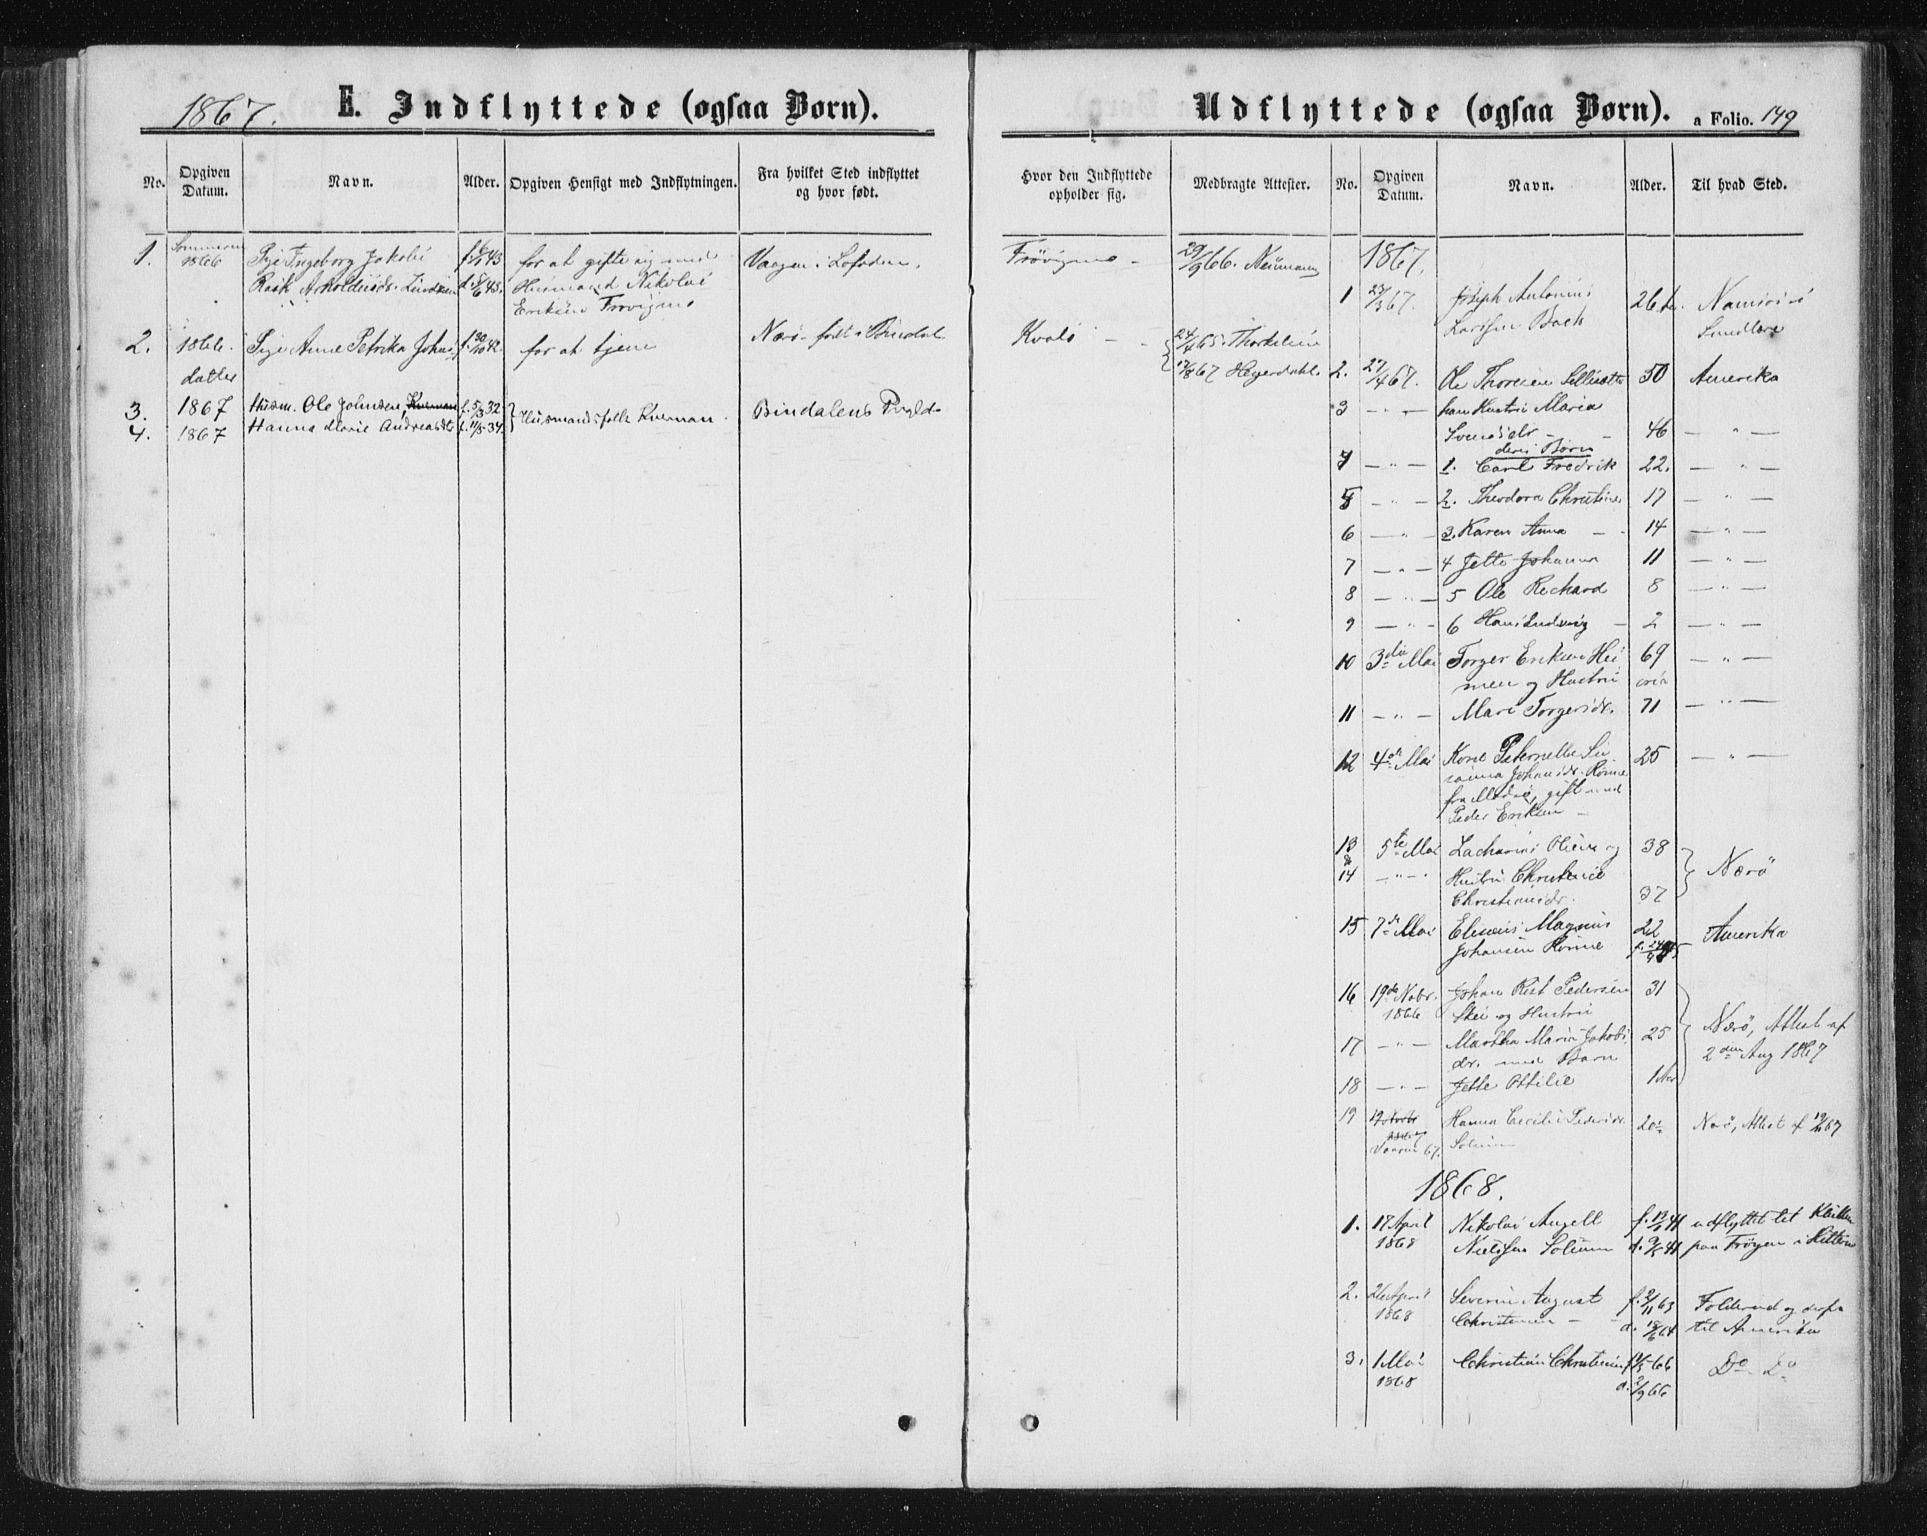 SAT, Ministerialprotokoller, klokkerbøker og fødselsregistre - Nord-Trøndelag, 788/L0696: Ministerialbok nr. 788A03, 1863-1877, s. 149